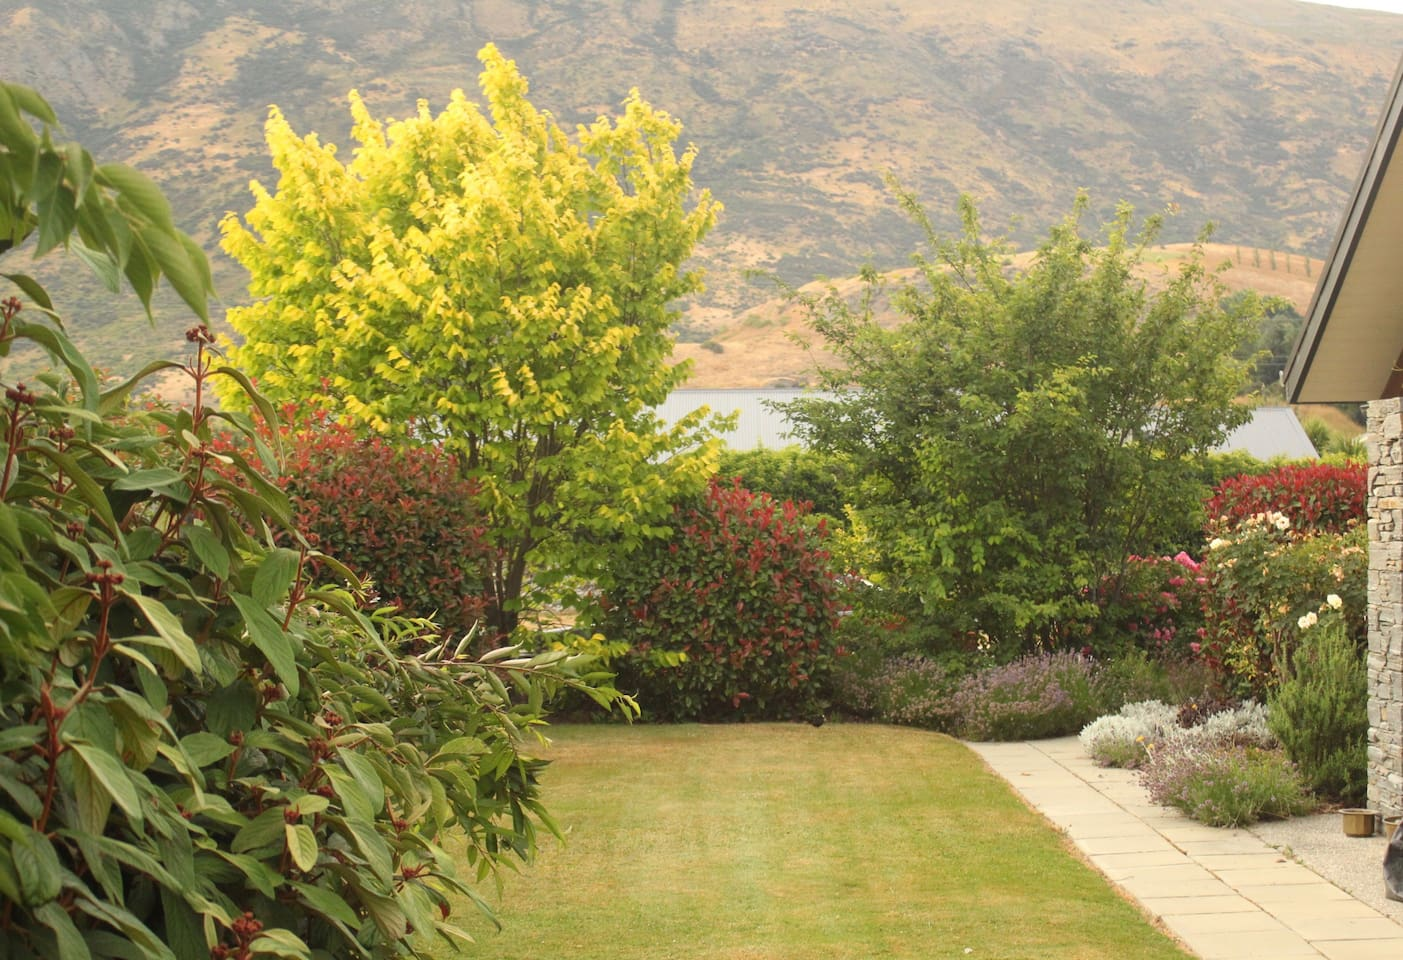 Lovely garden setting.